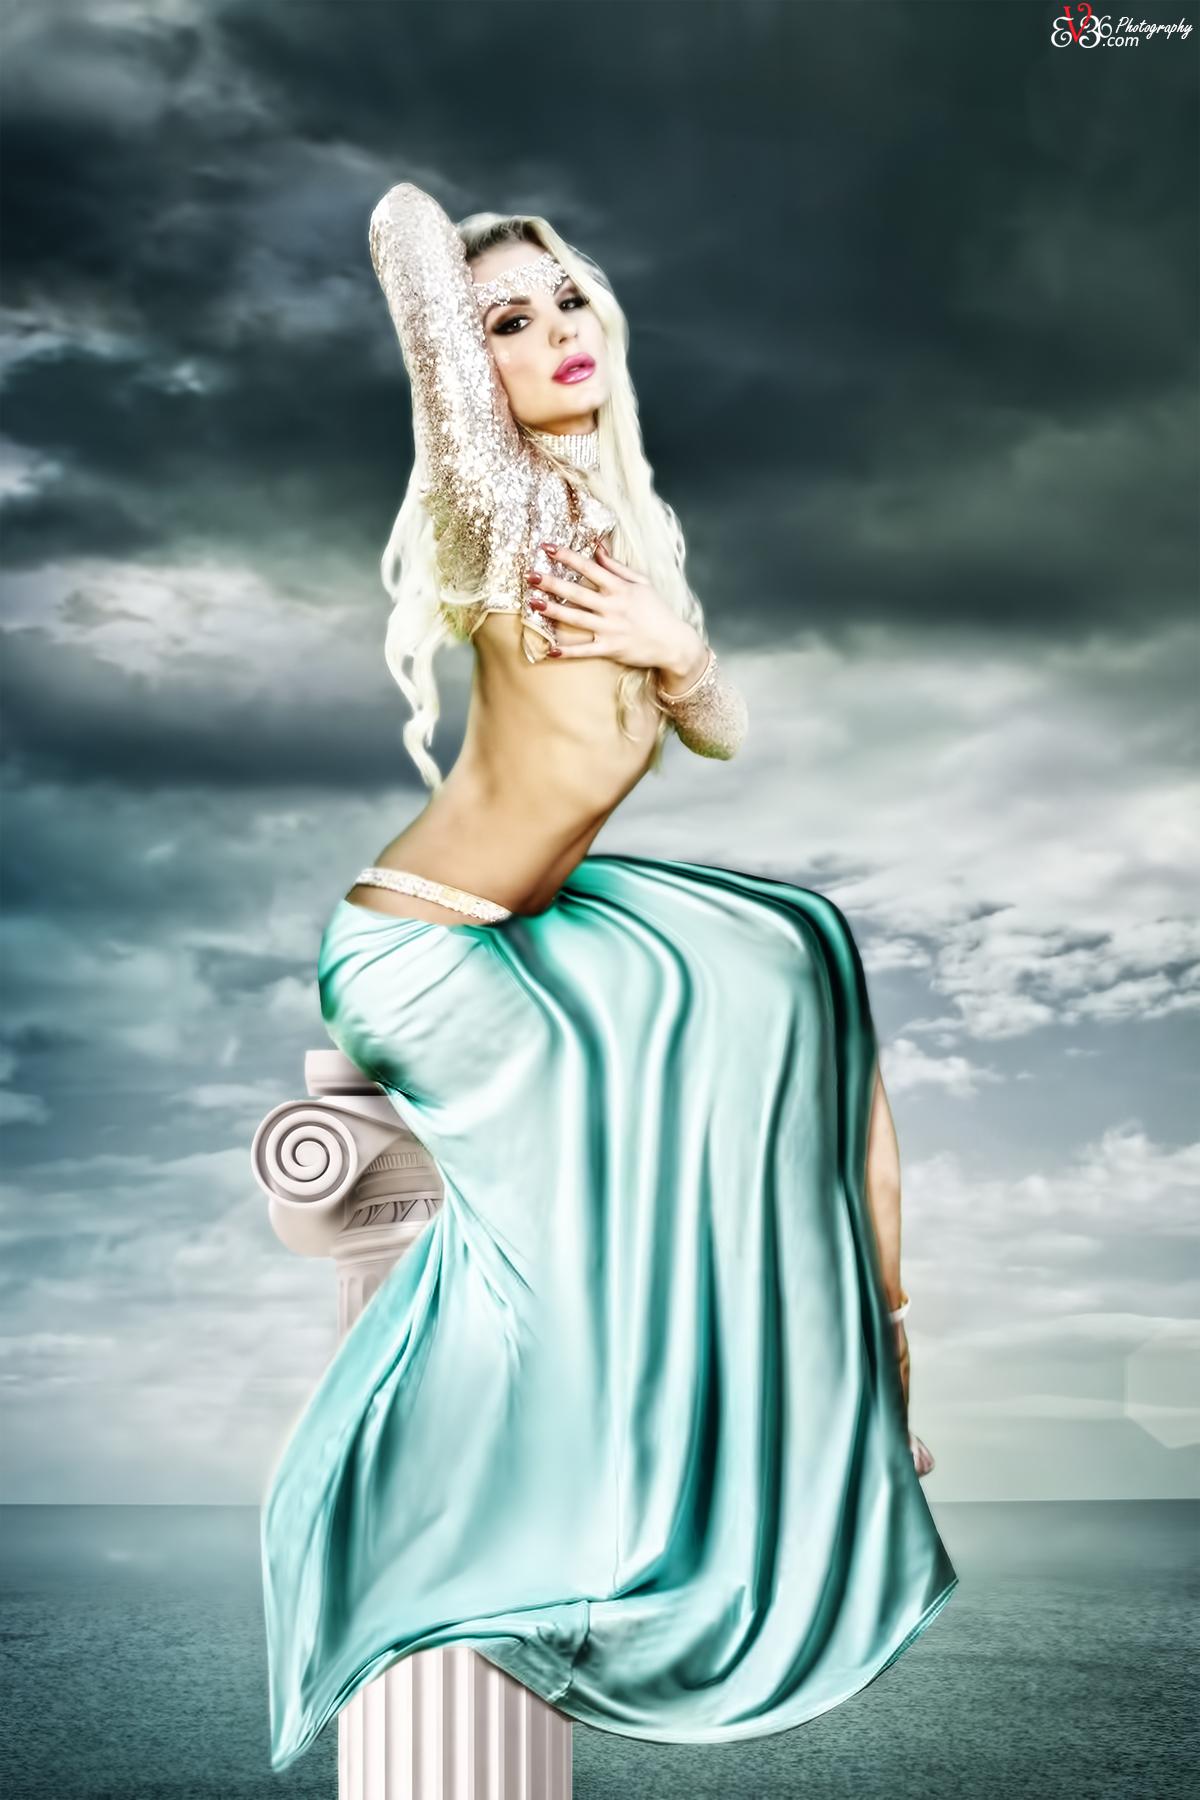 http://ev36.com/share/Goddess-ev36.jpg